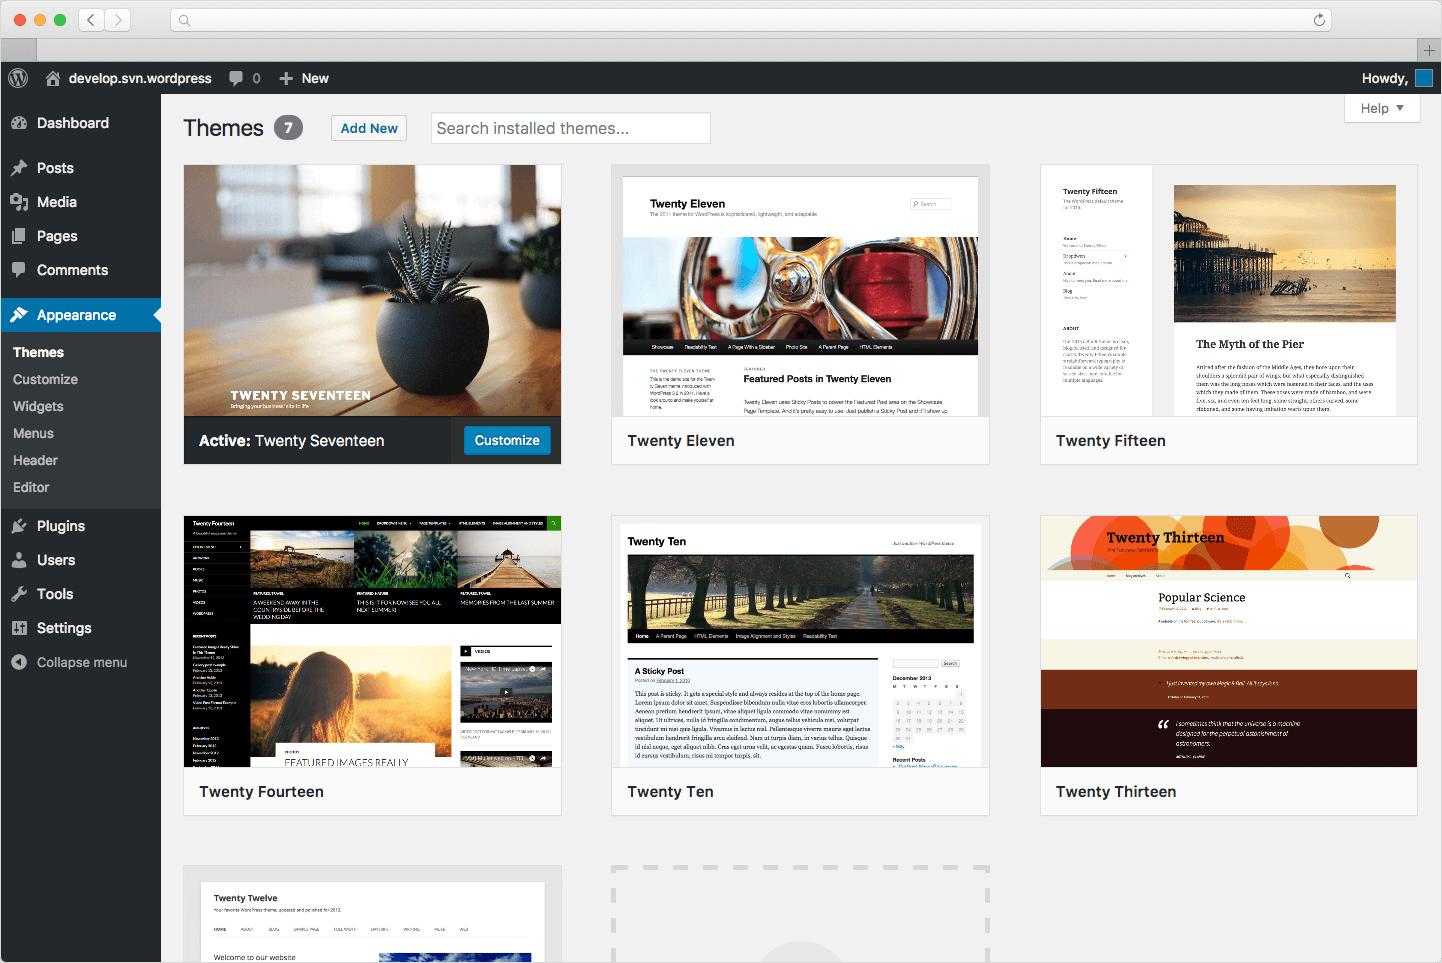 ferramentas de marketing dashboard wordpress